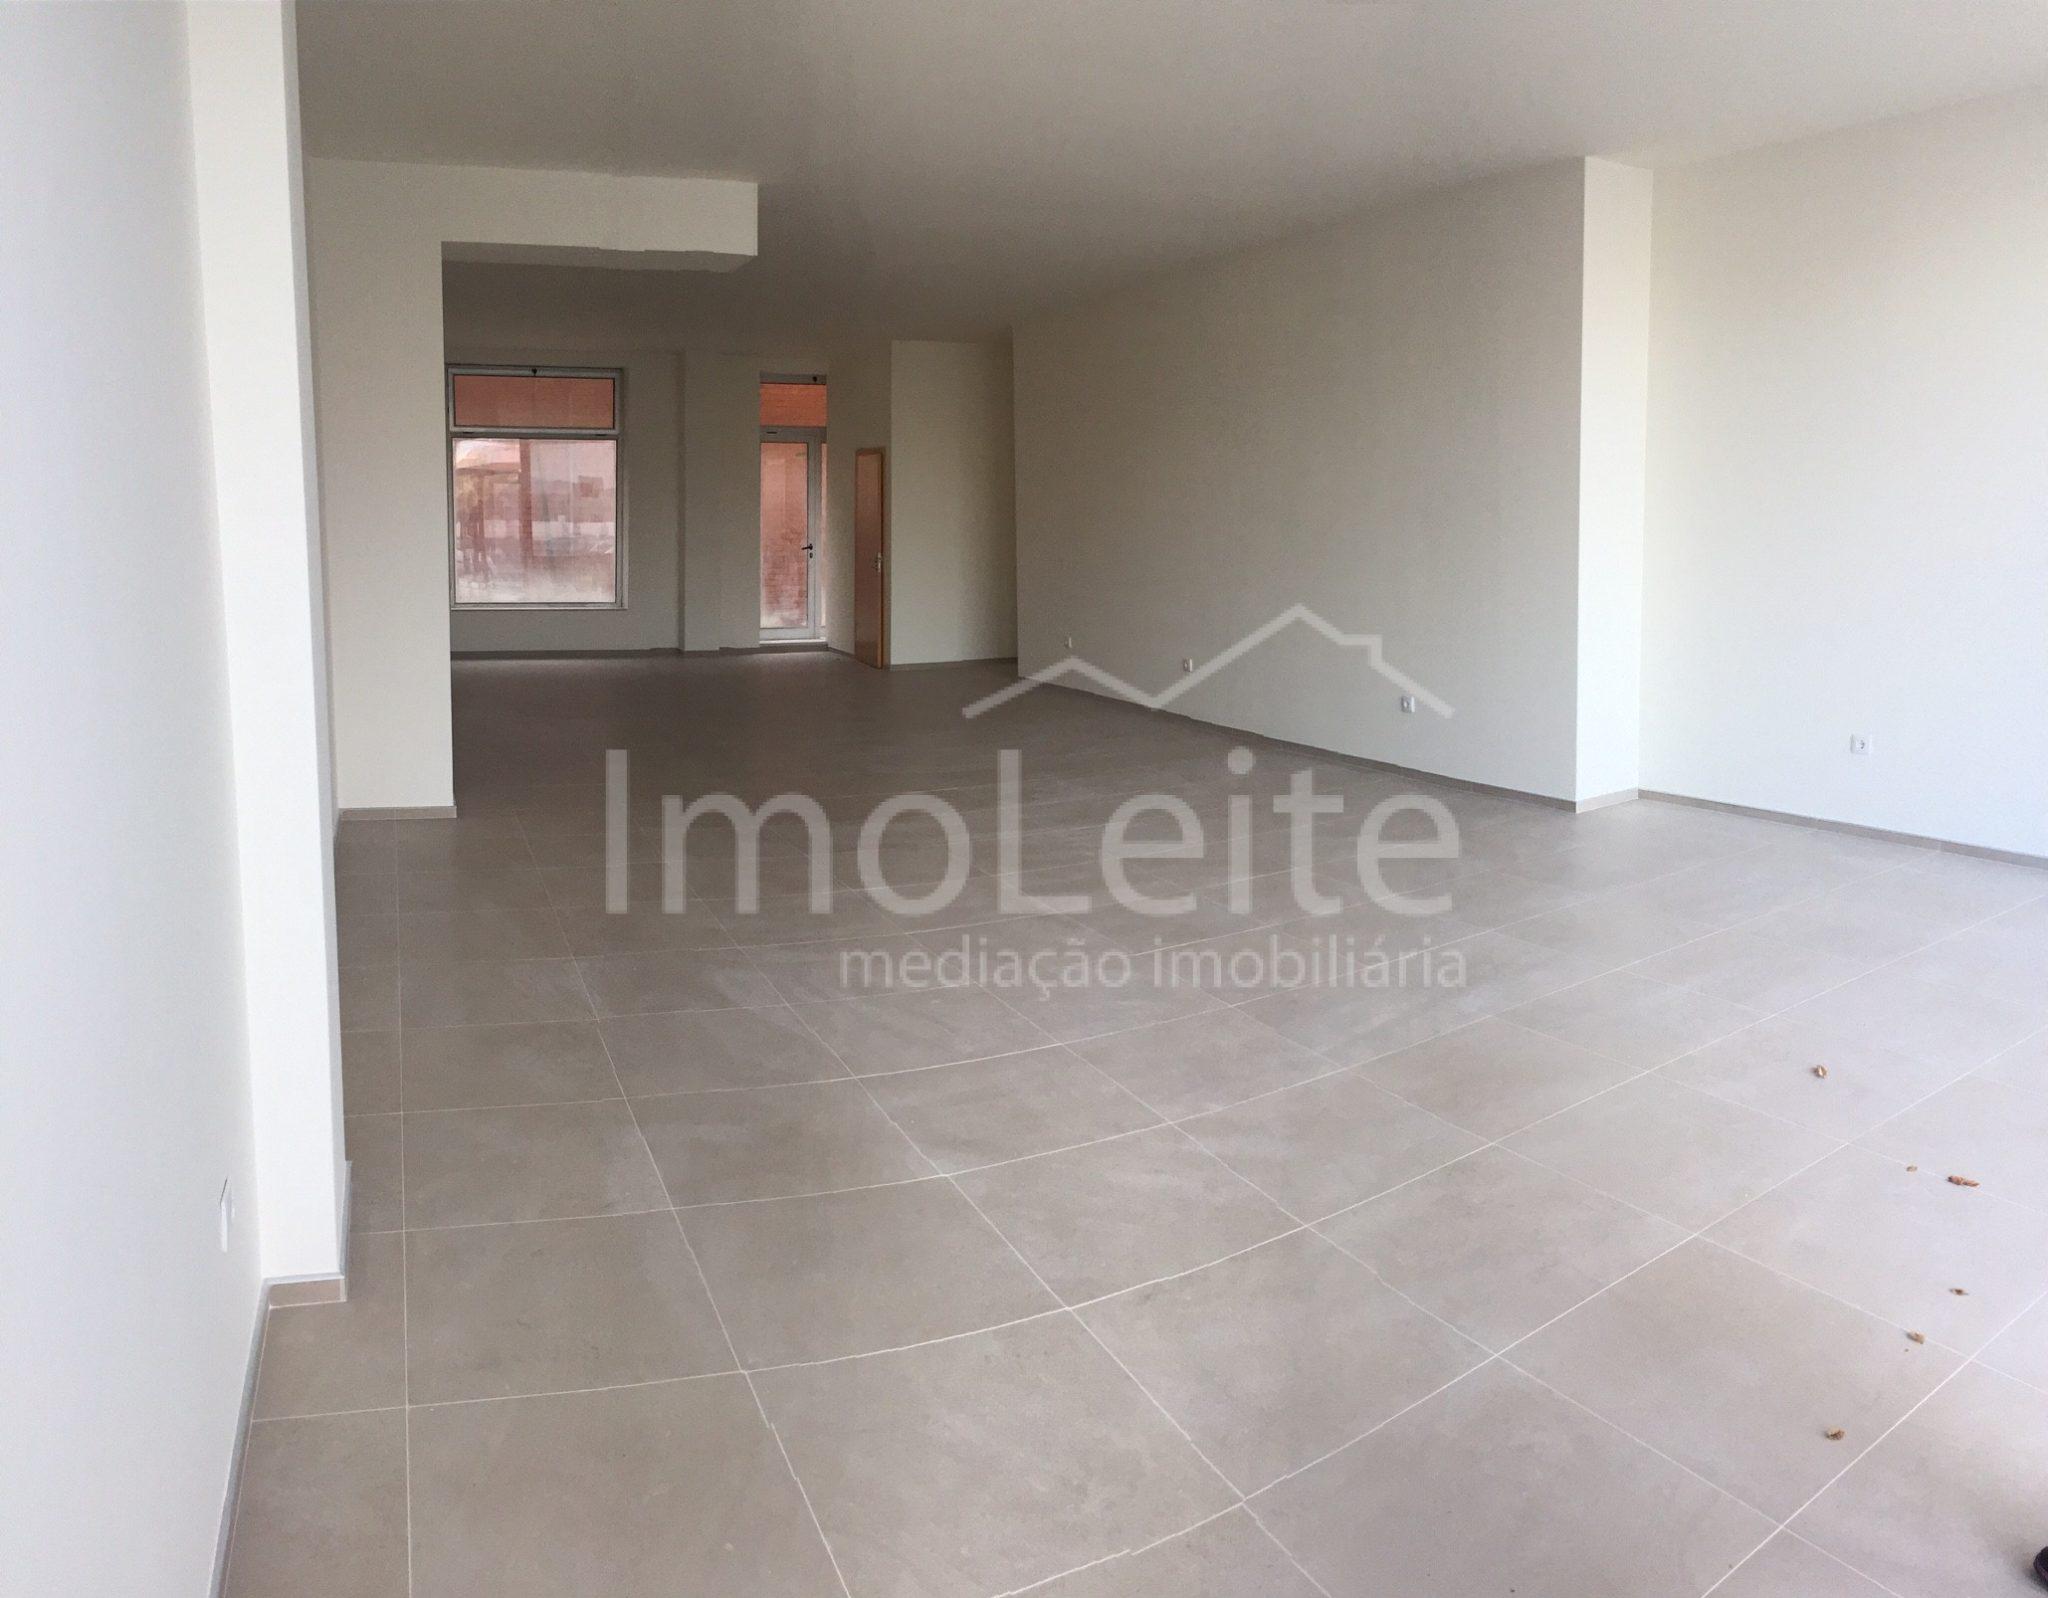 Loja Póvoa de Varzim nova próxima ao centro com 100 m2